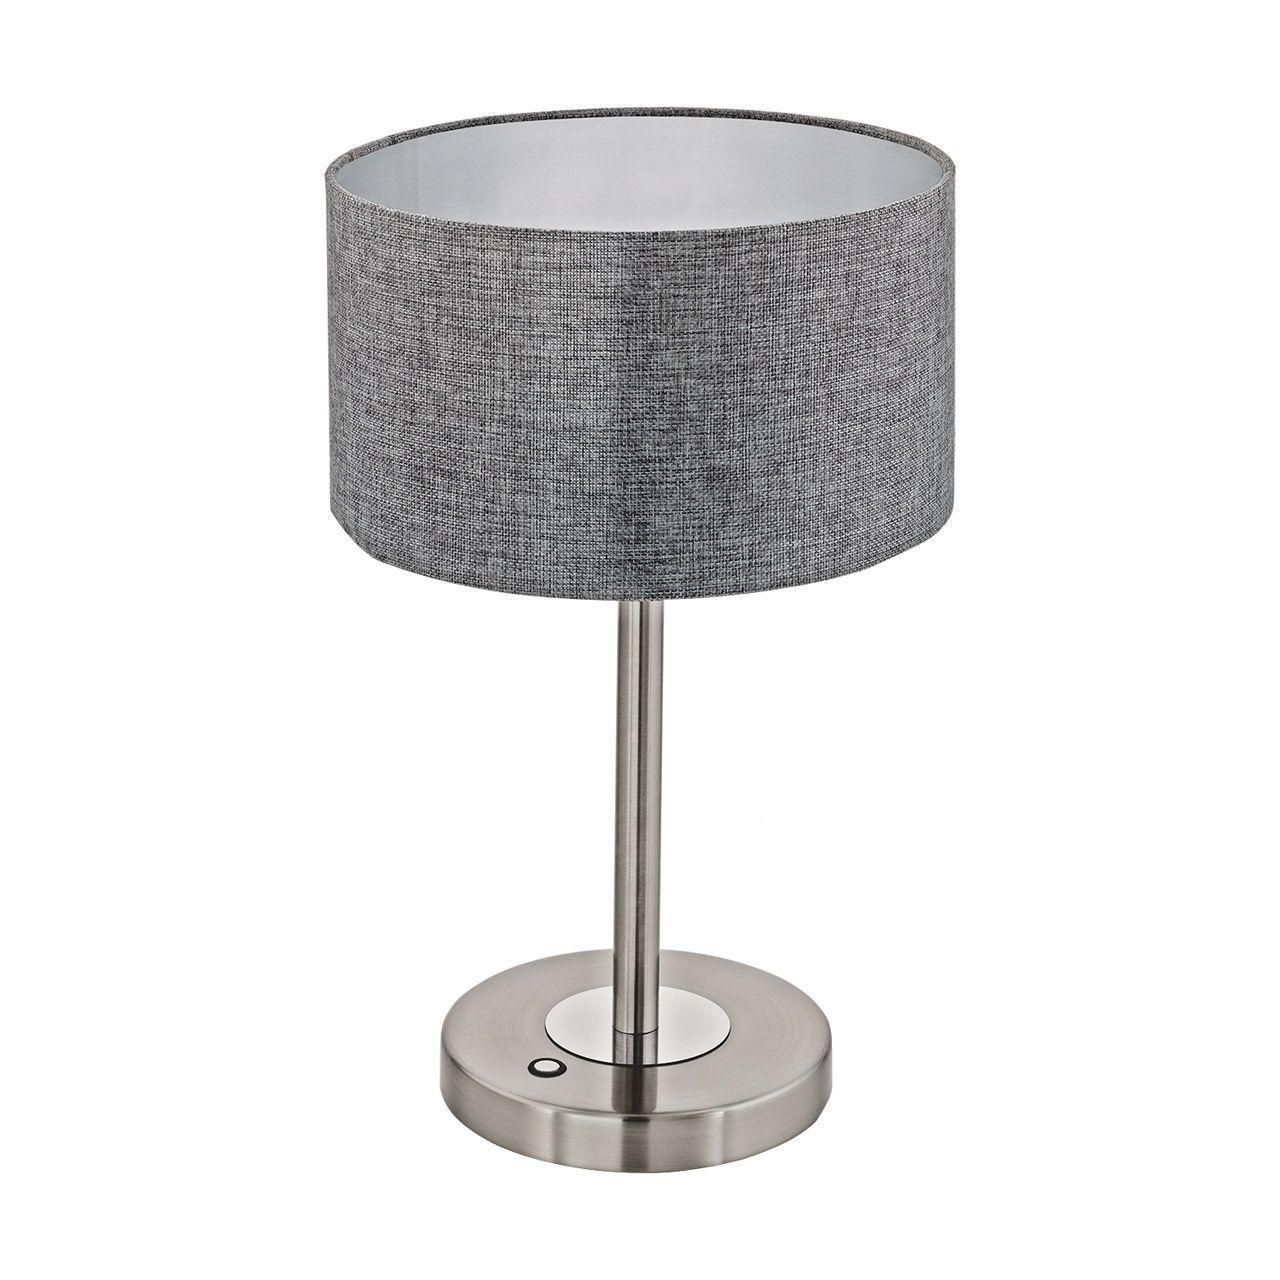 Настольная лампа Eglo Romao 1 95352 настольная лампа eglo romao 2 95343